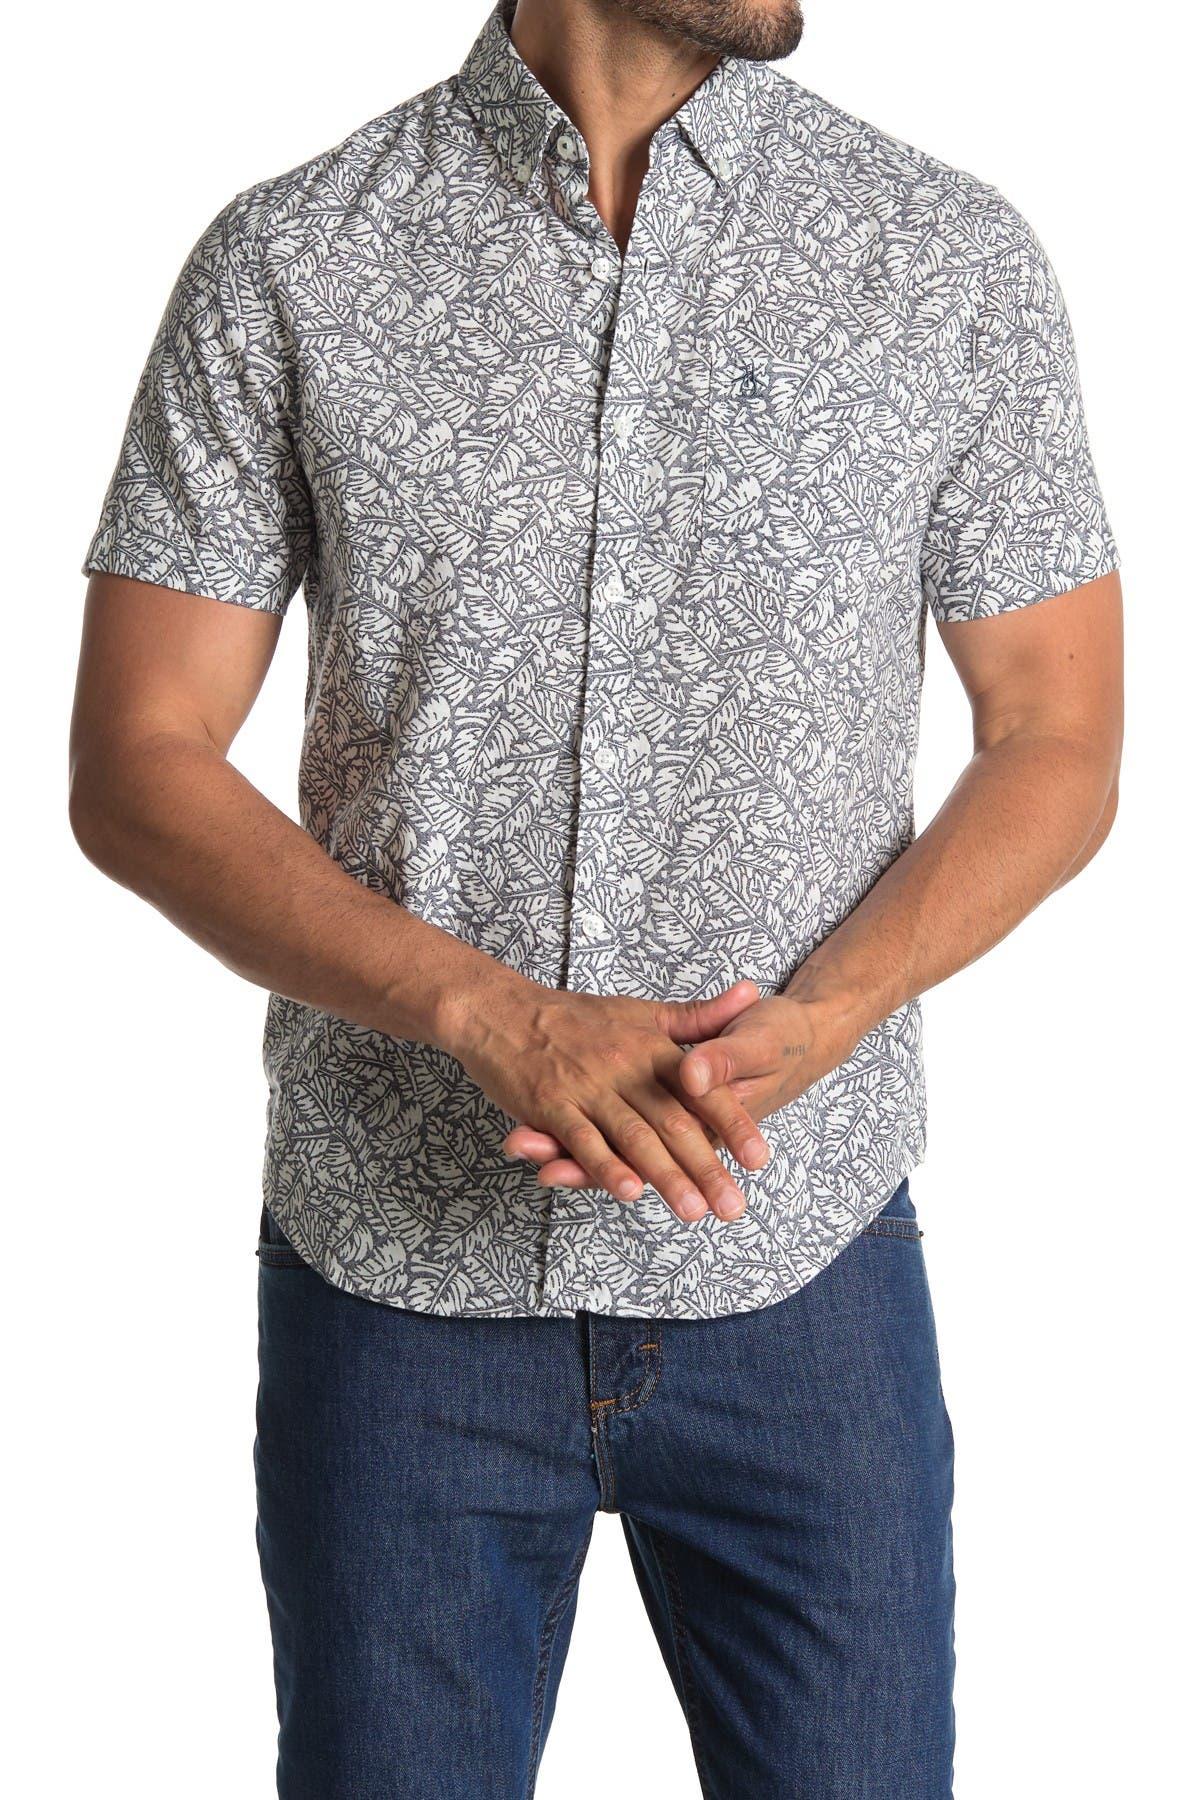 Image of Original Penguin Short Sleeve Leaf Print Slim Fit Woven Shirt